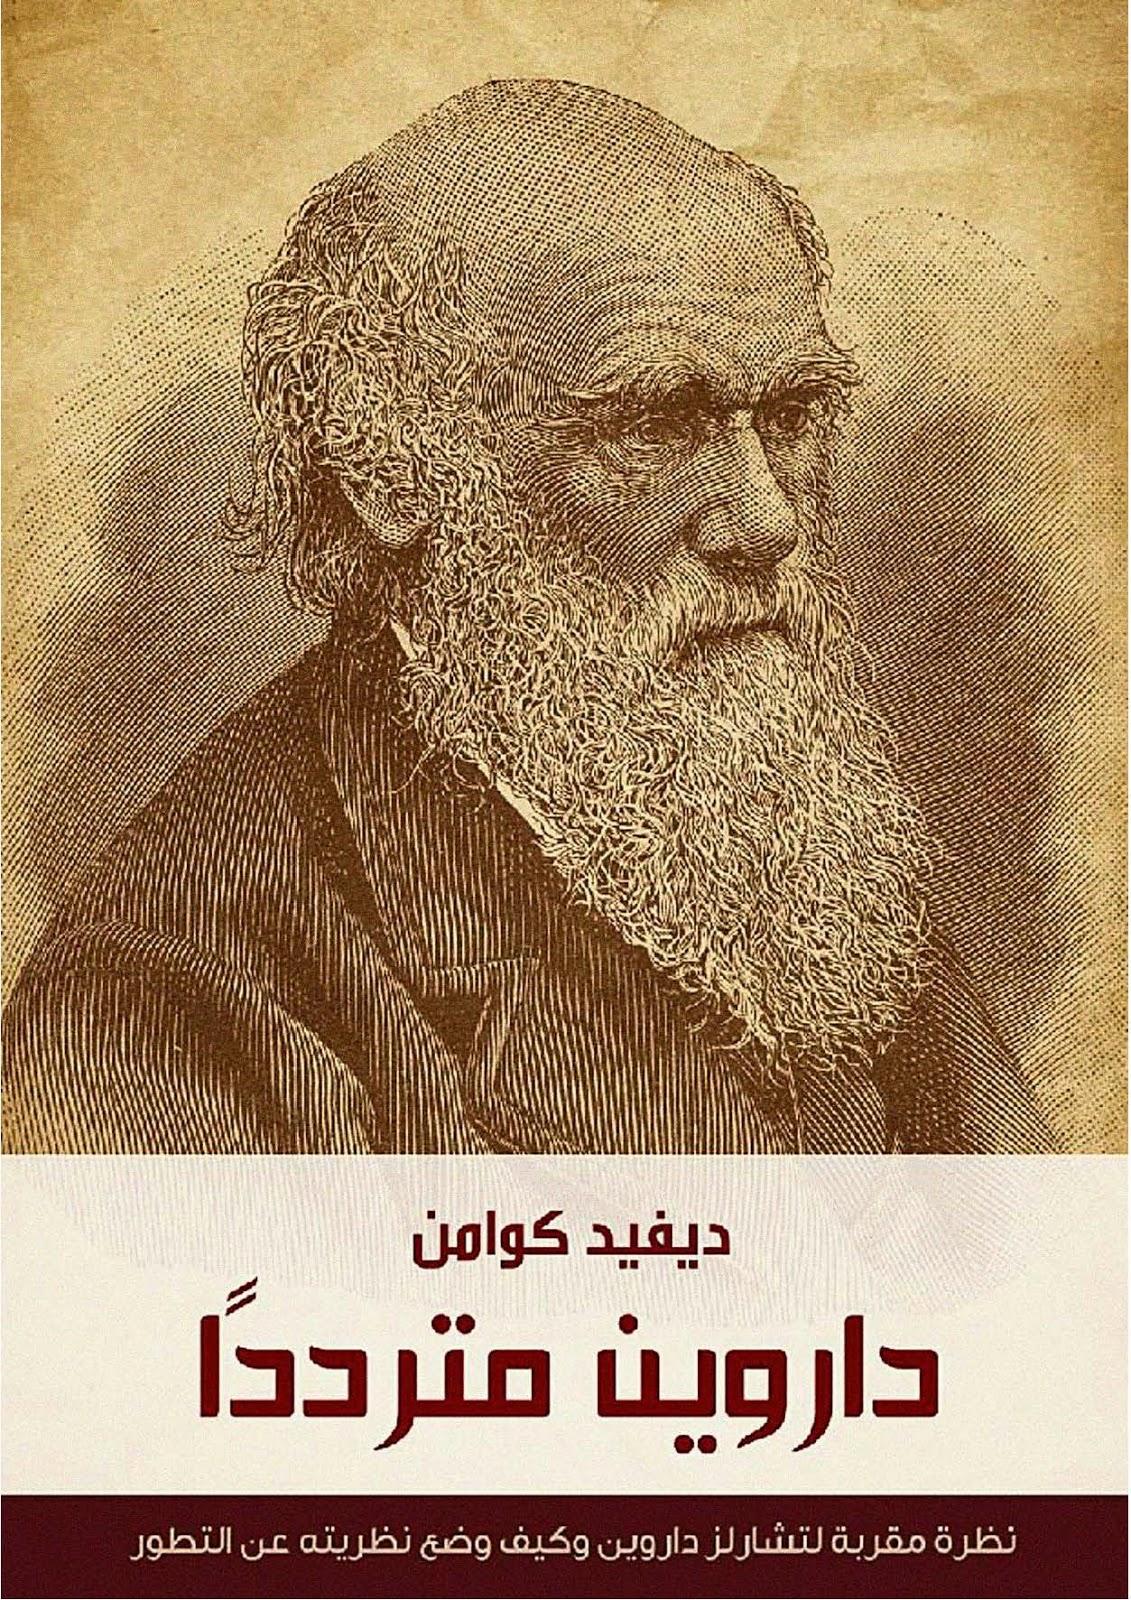 داروين مترددا  نظرة مقربة لتشارلز داروين وكيف وضع تظريته عن التطور - ديفيد كوامن